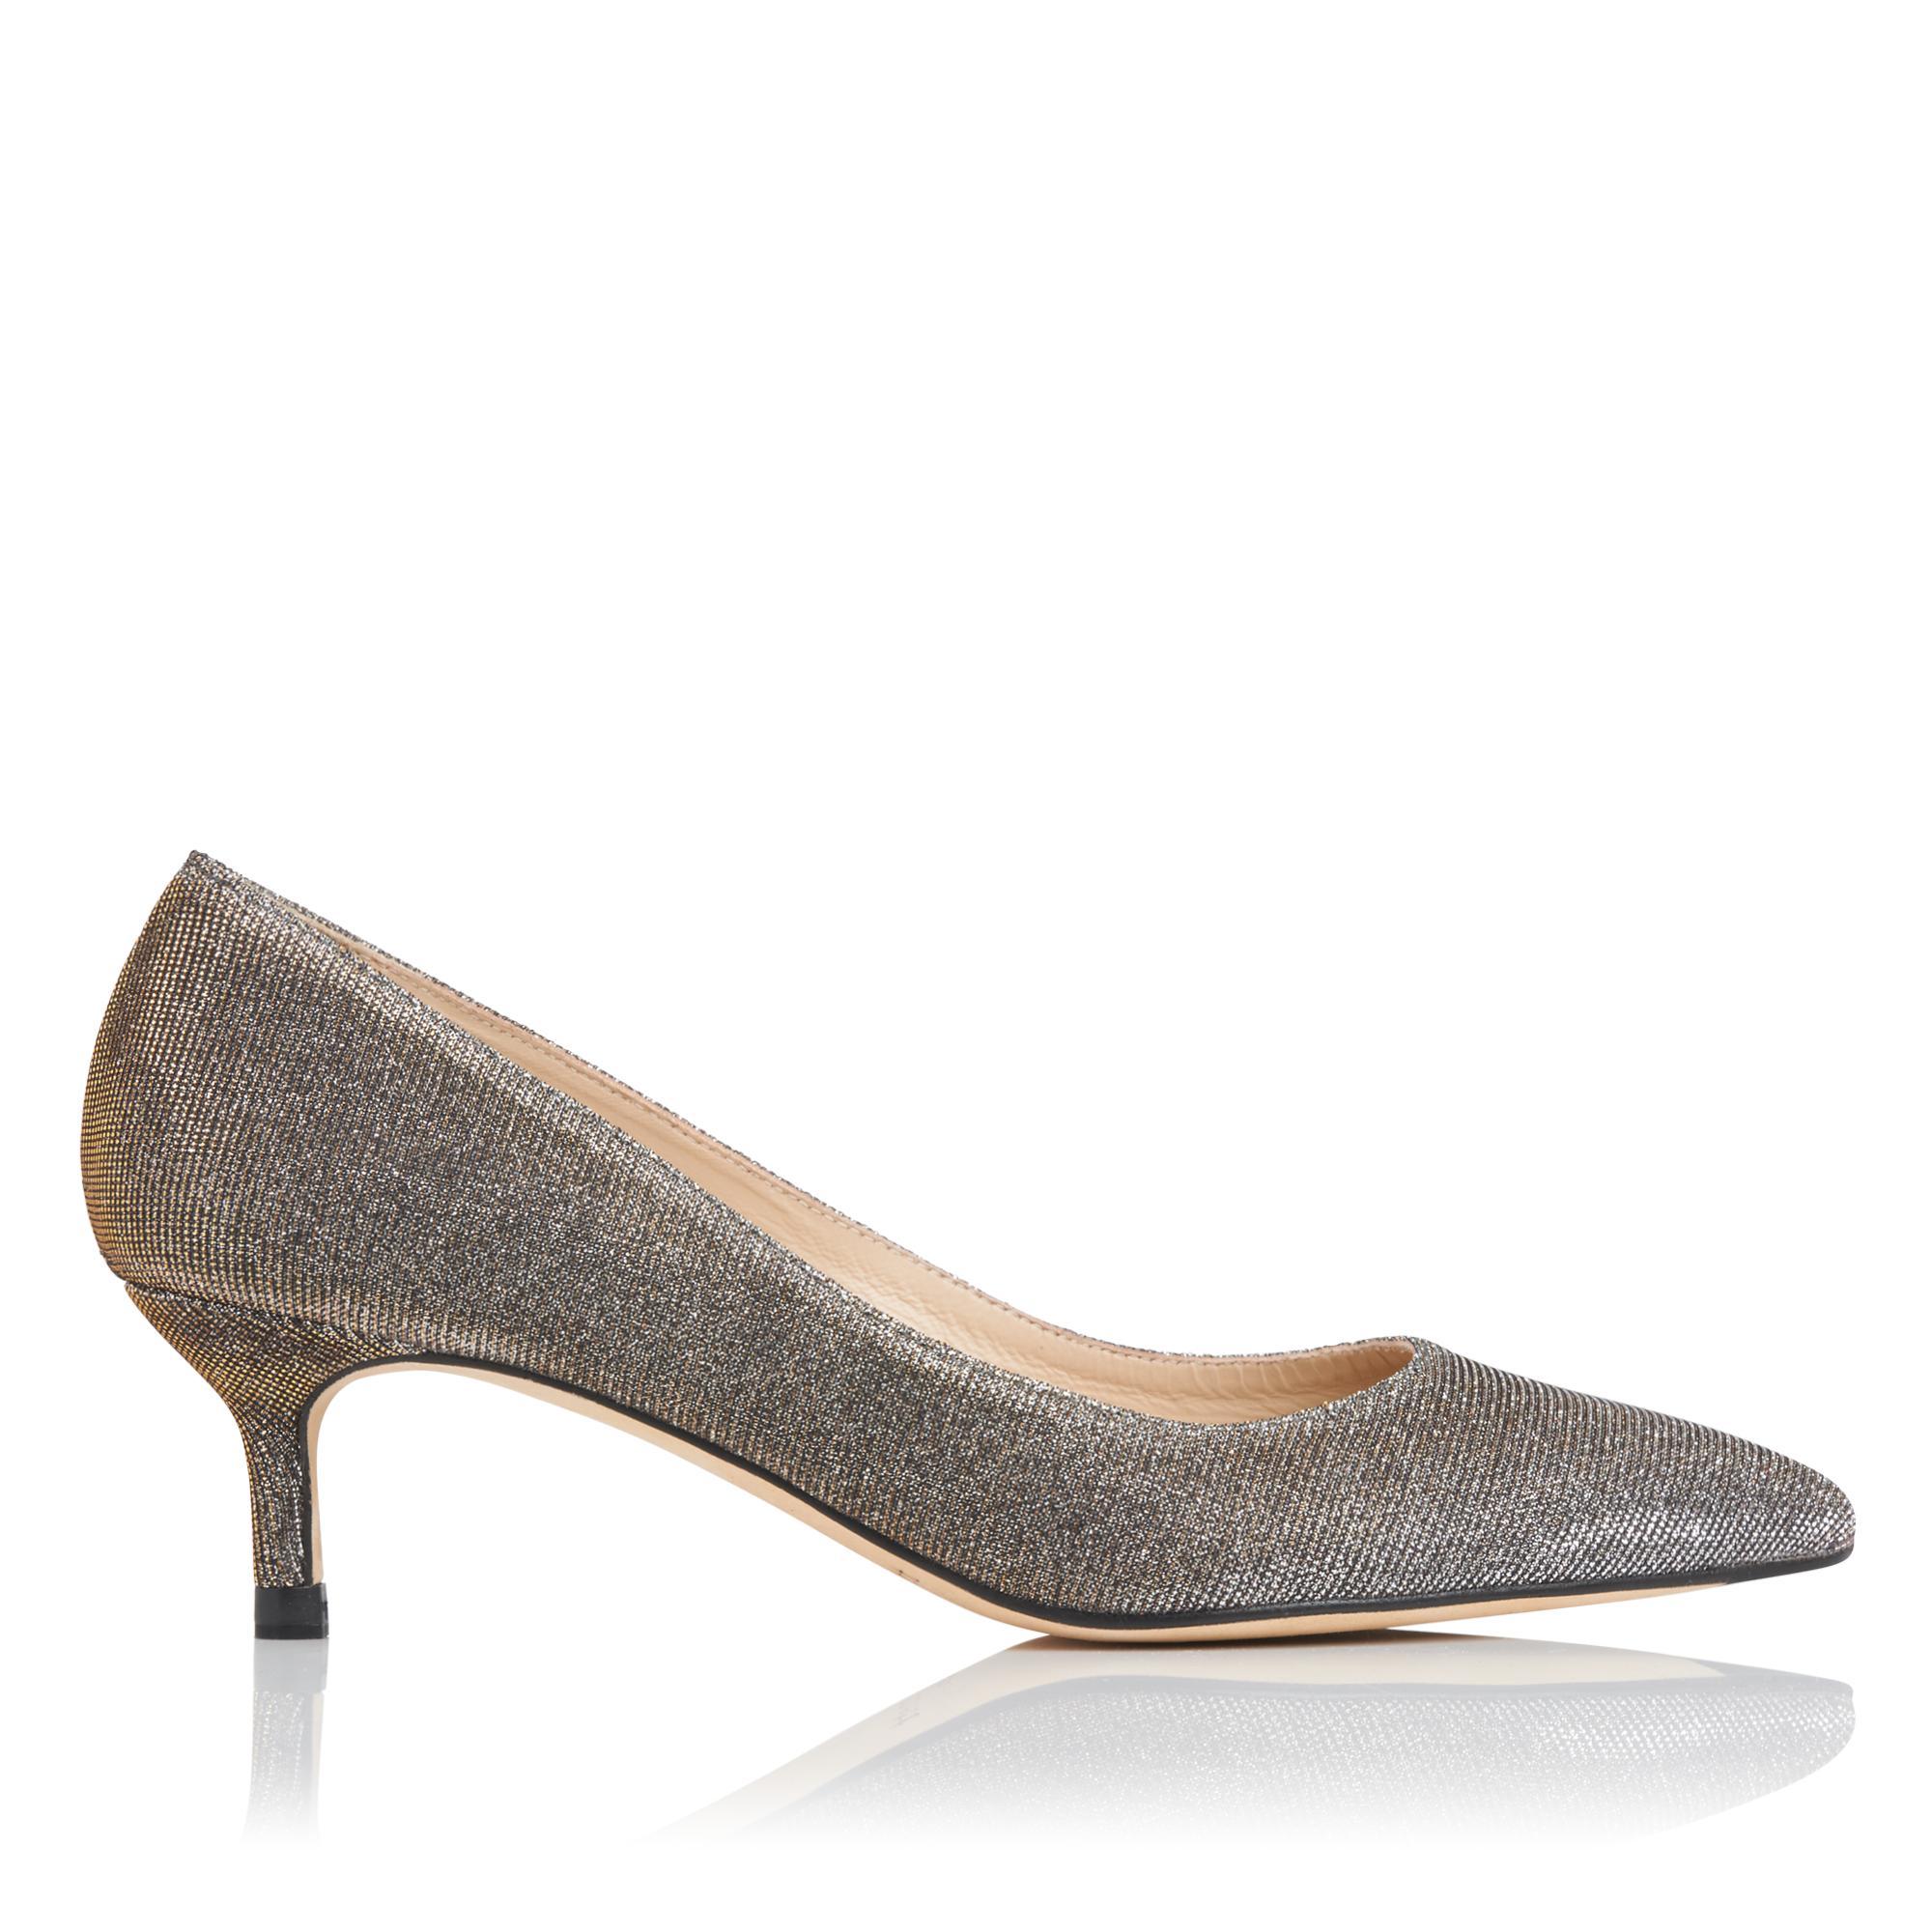 Audrey Metallic Heel